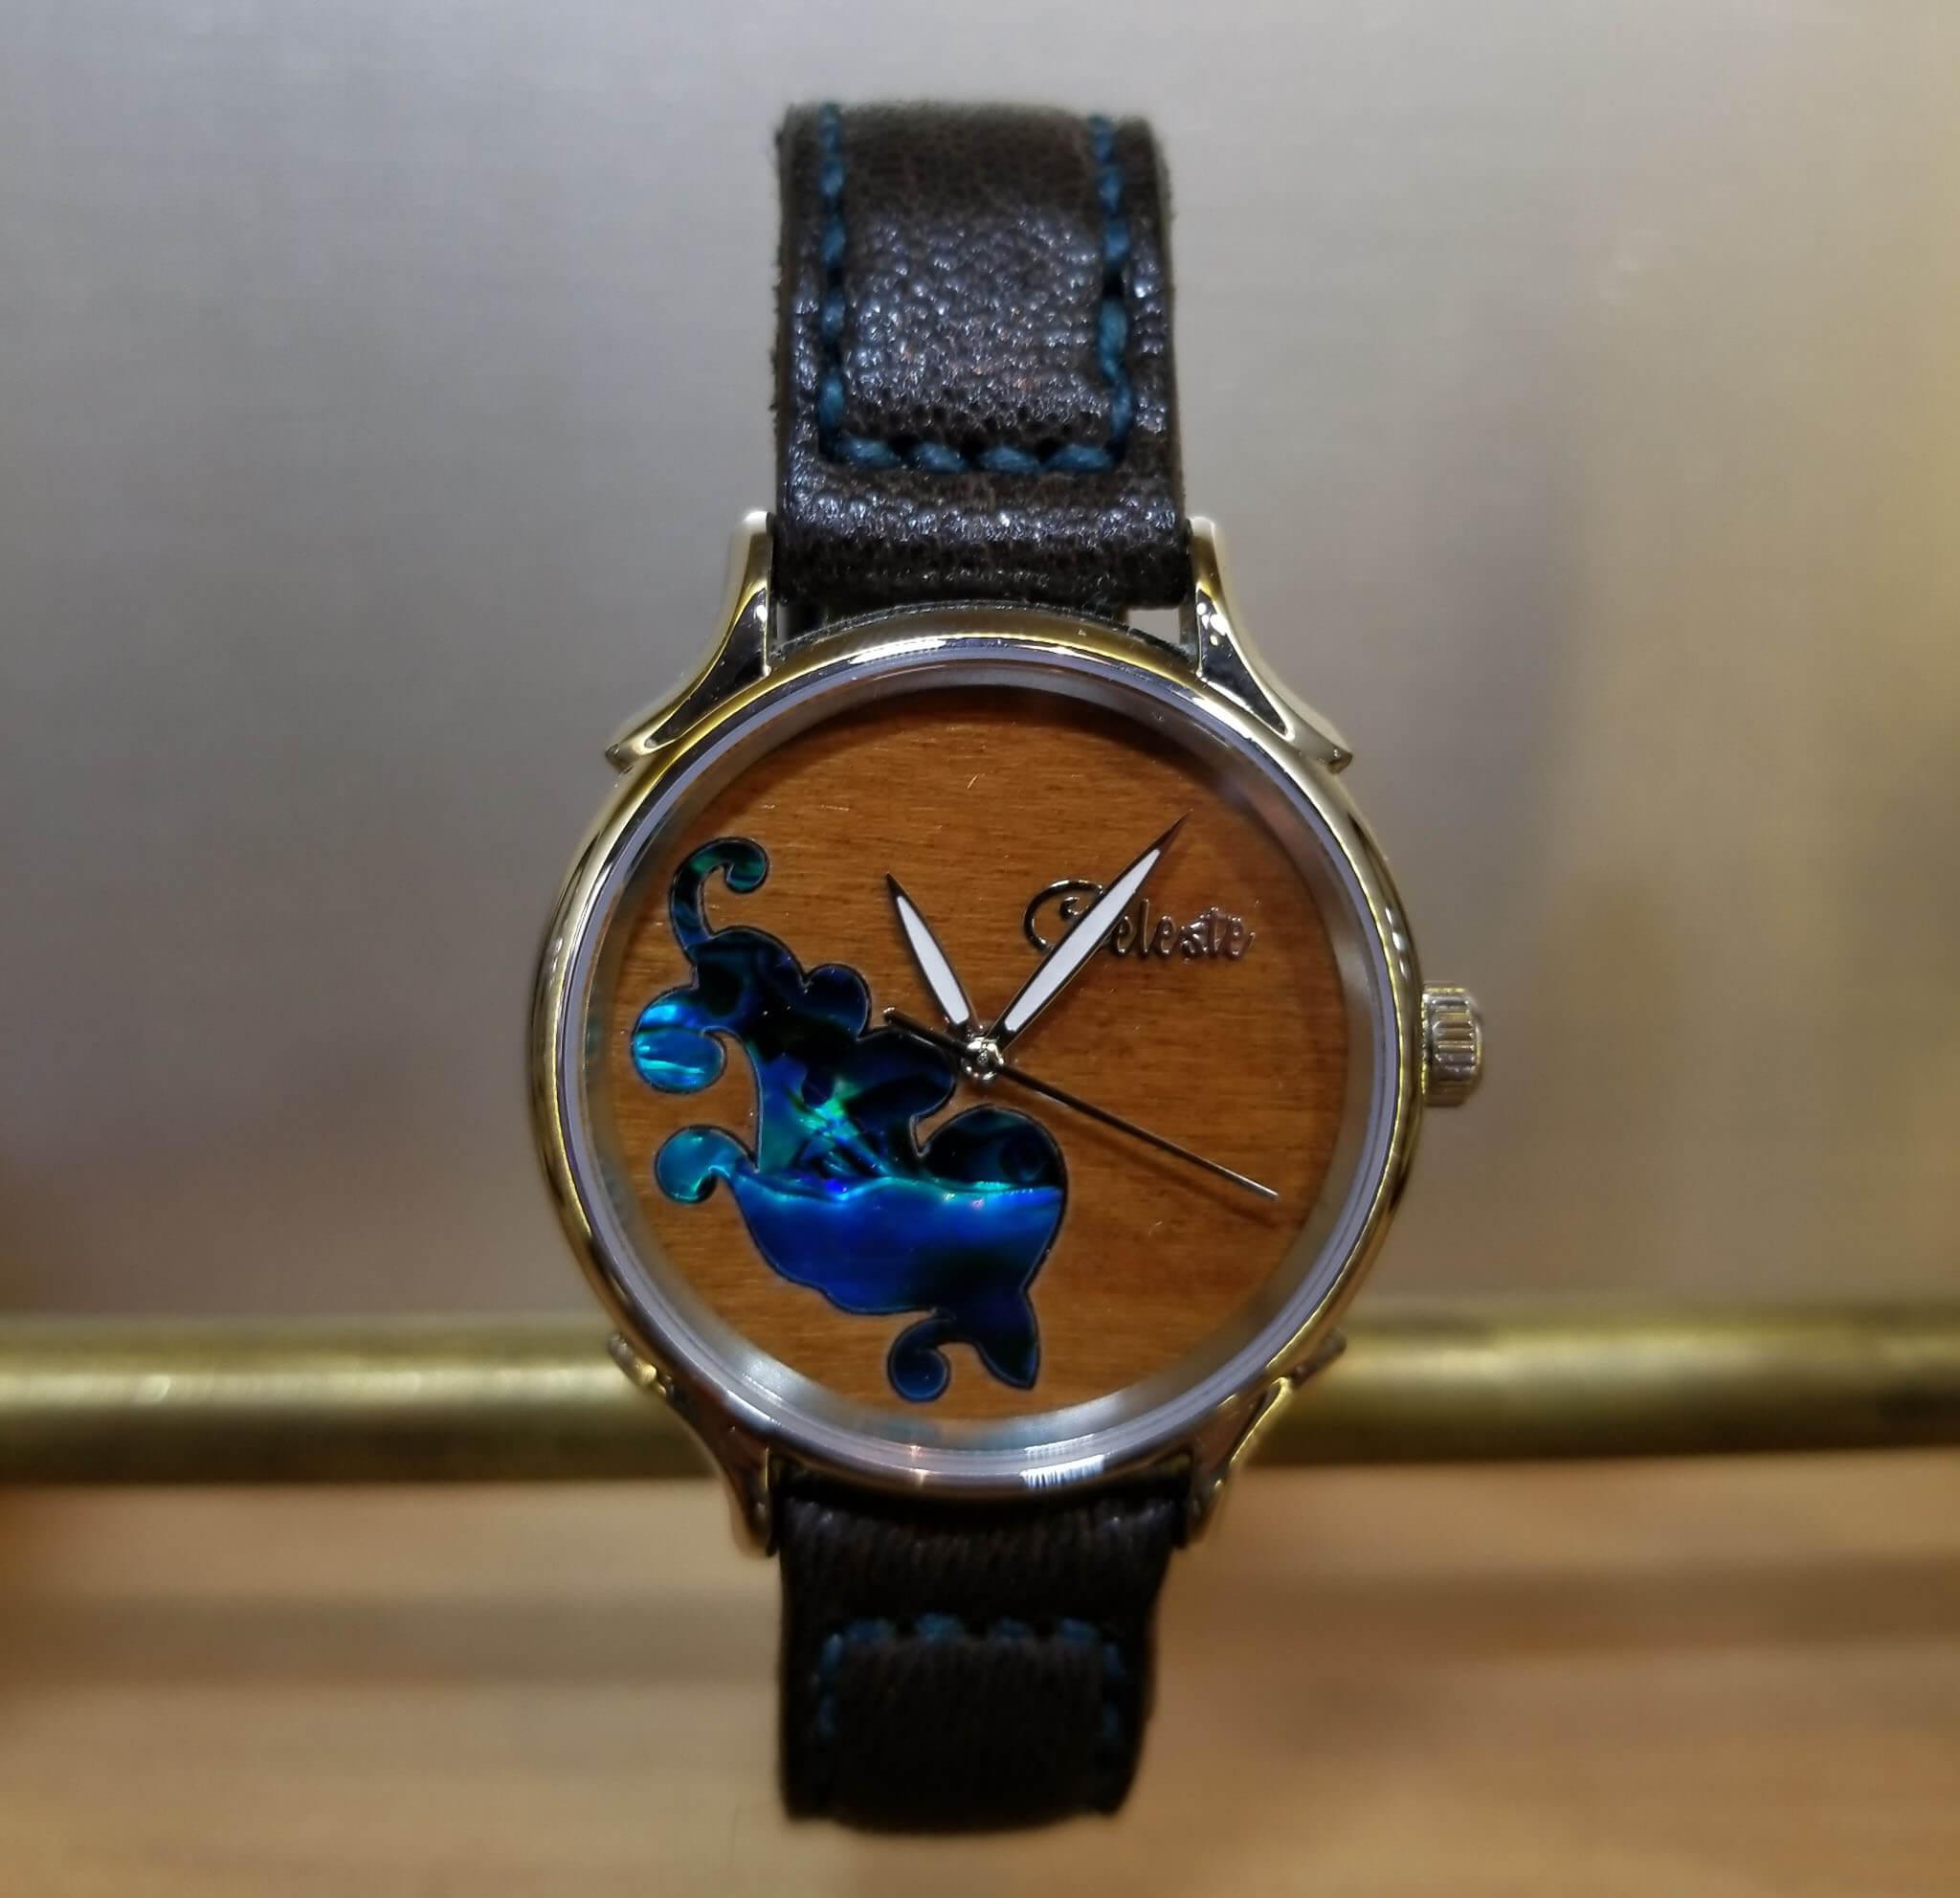 Celeste Watch Company